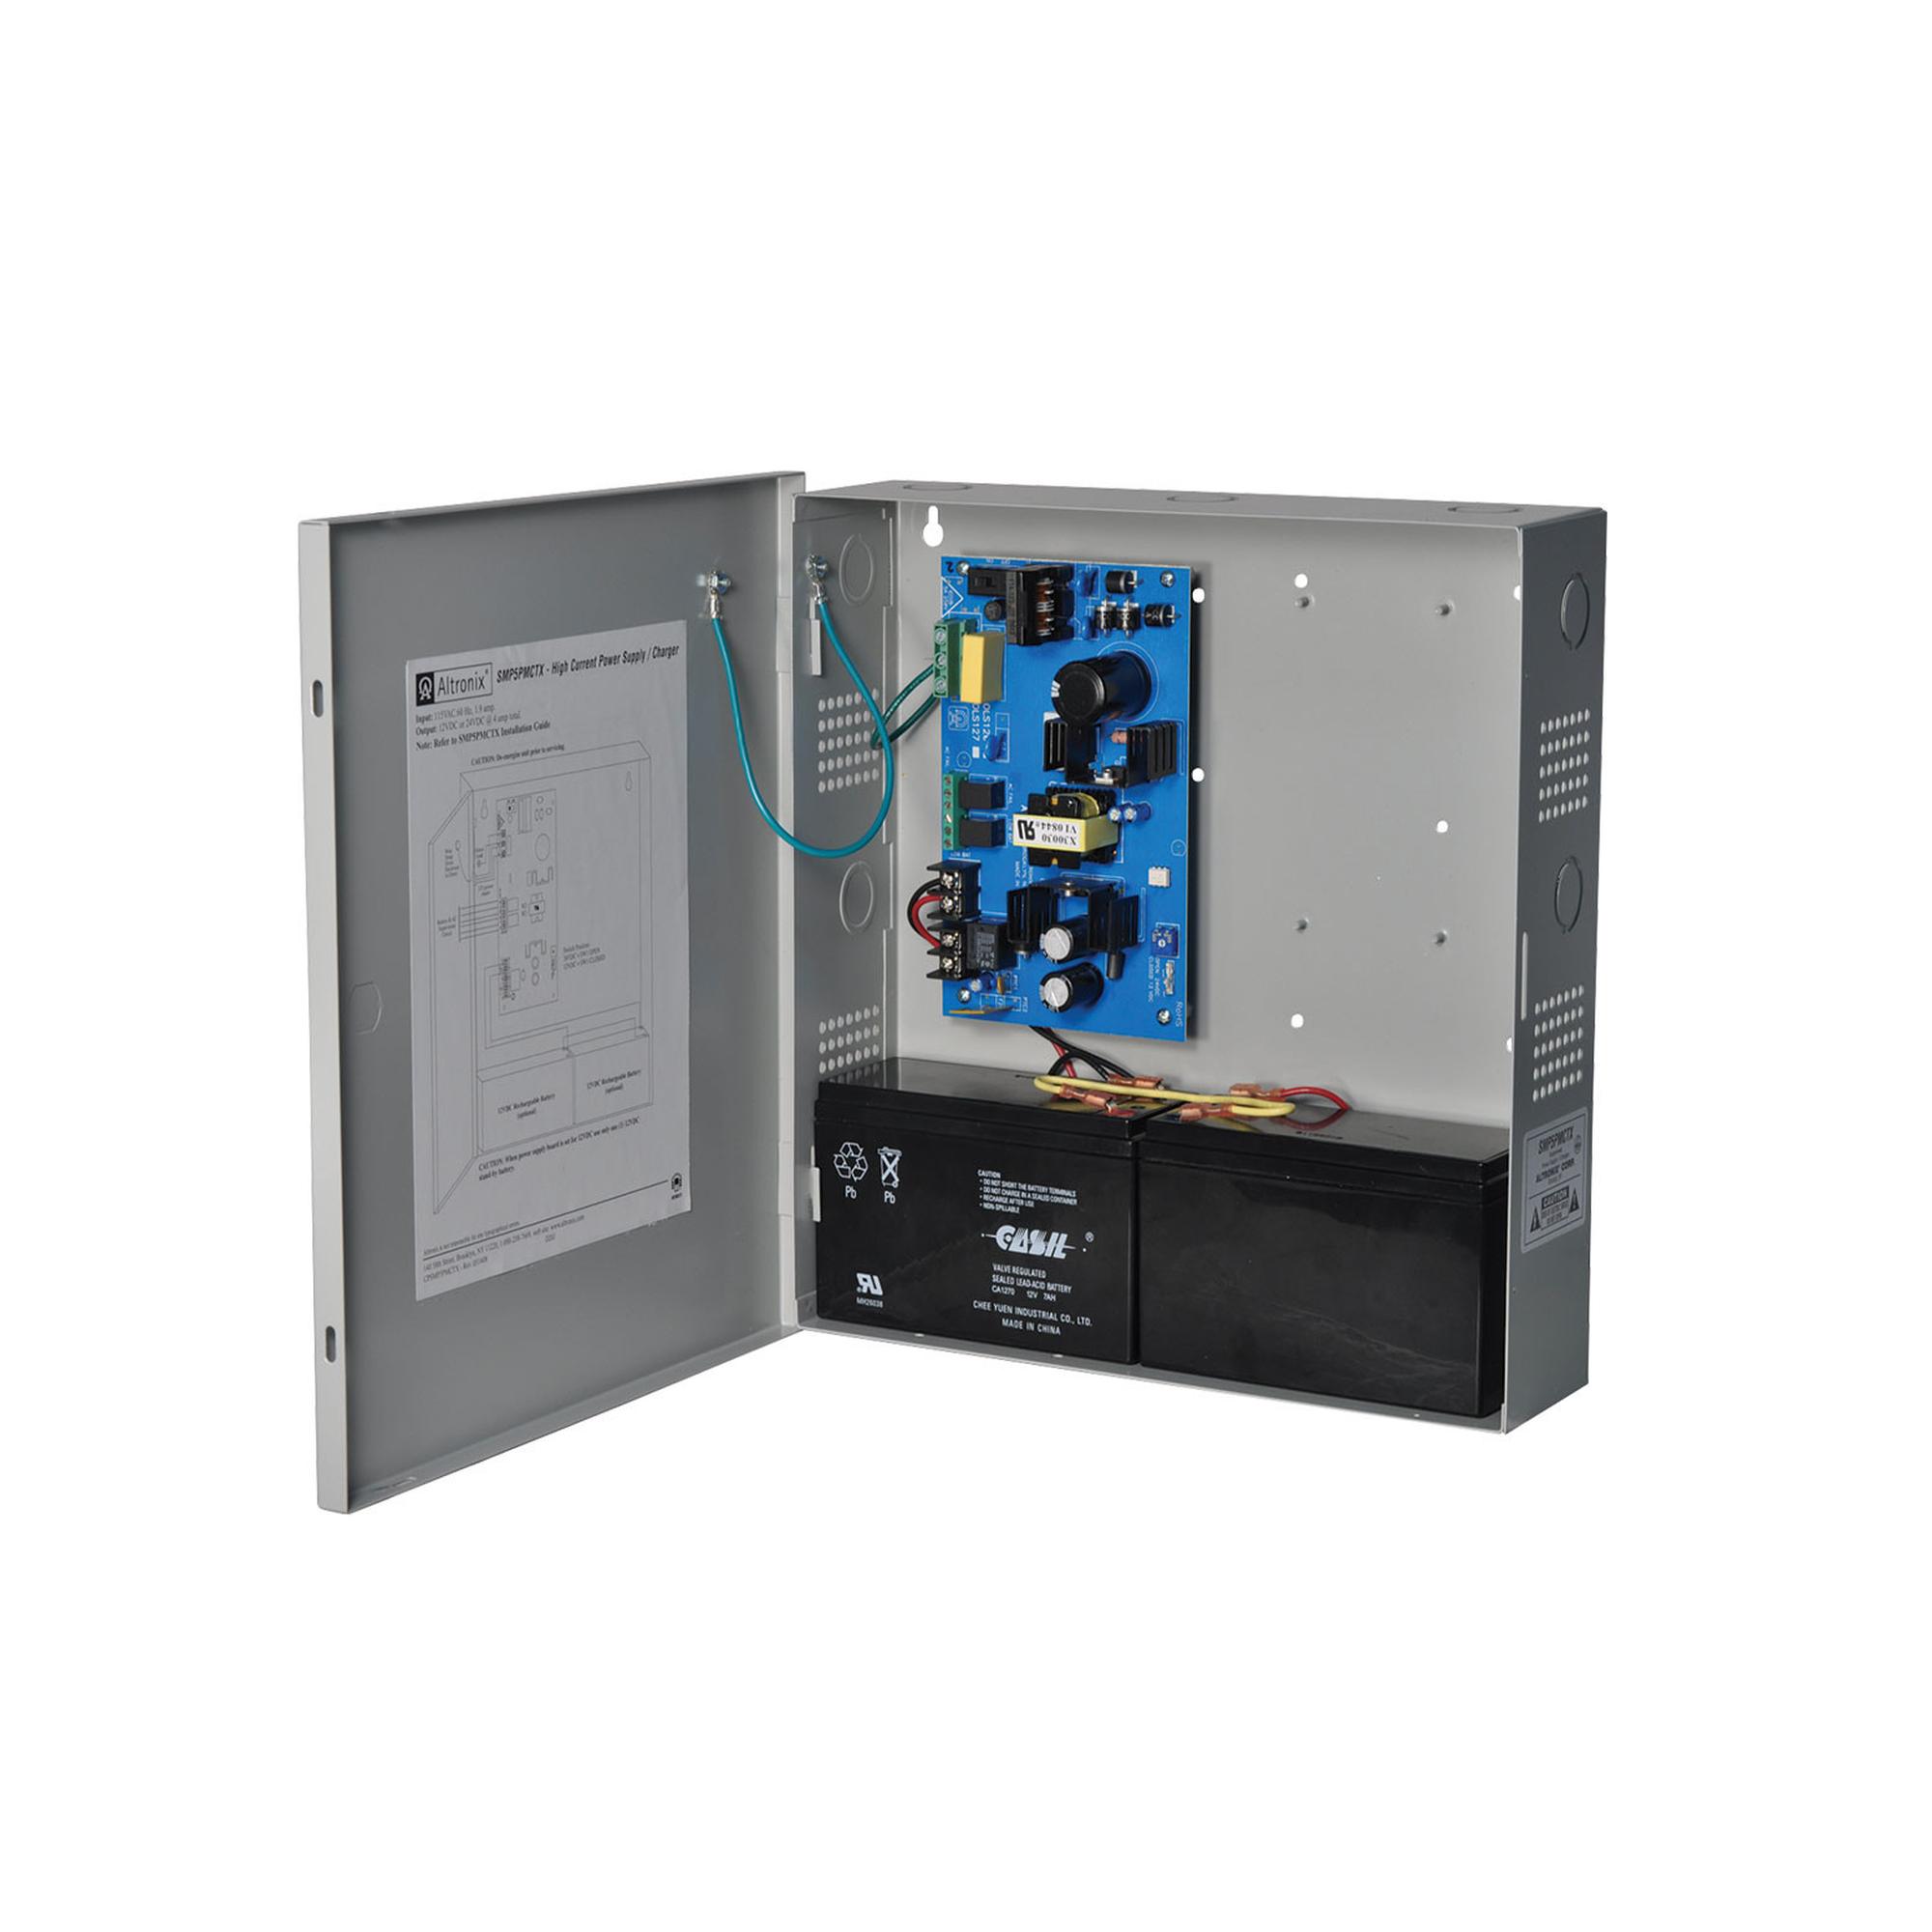 Fuente de poder de 12/24 VCD, 4 A. Ideal para aplicaciones de intrusión/Acceso/CCTV/ Fuente Supervisada